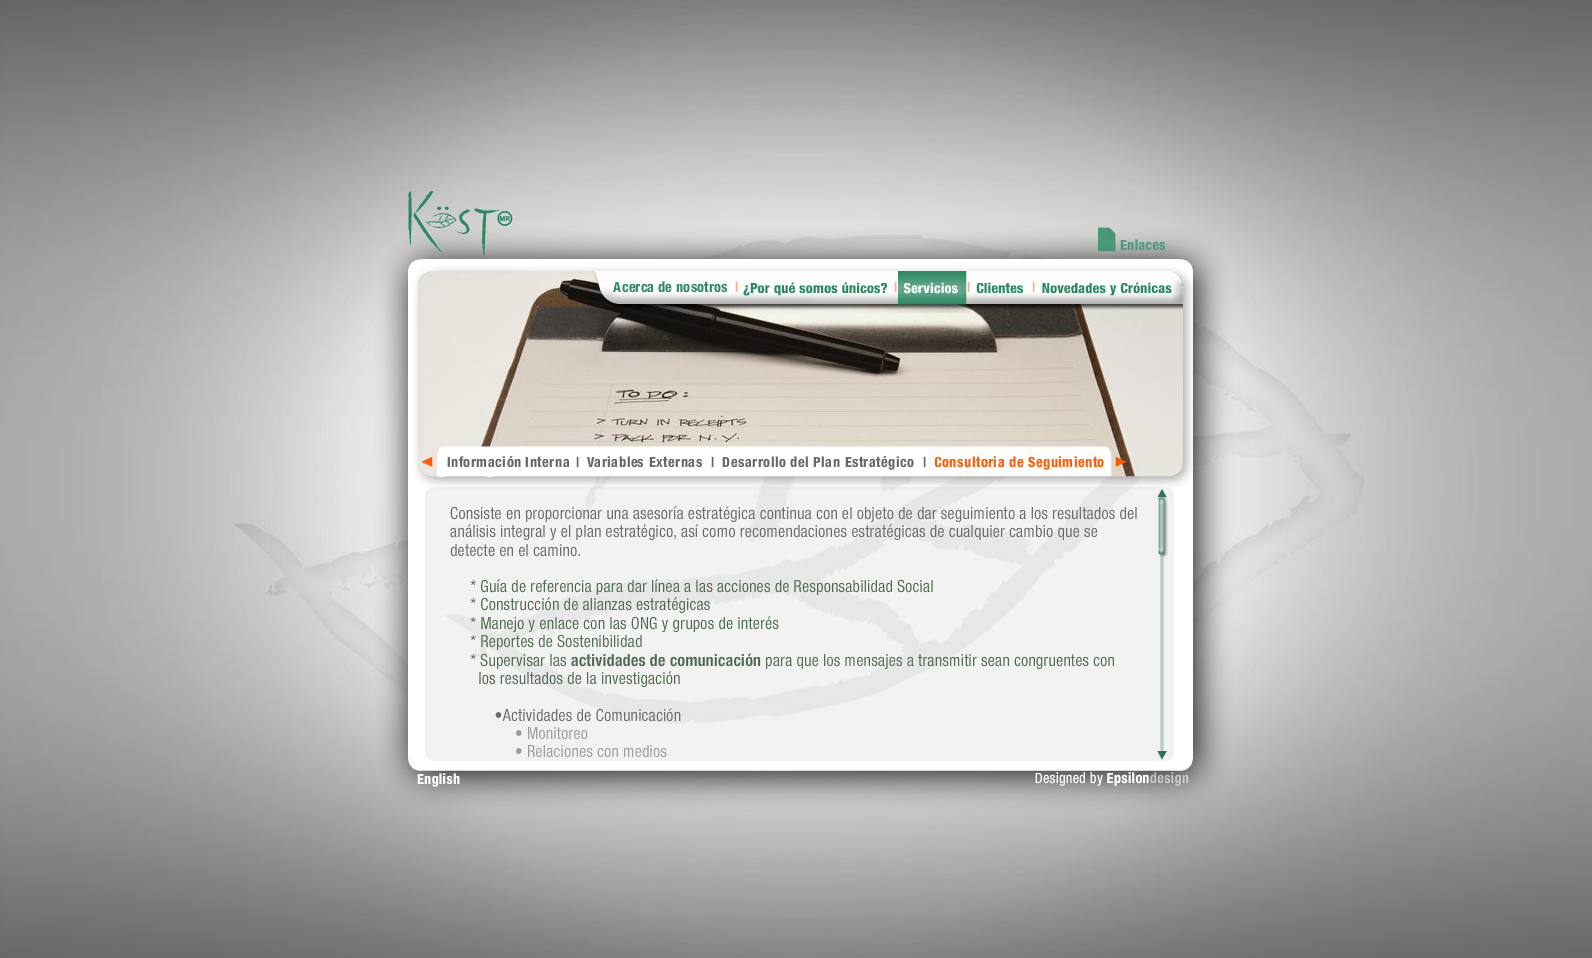 Verde Kost - Servicios (Consultoria de seguimiento)